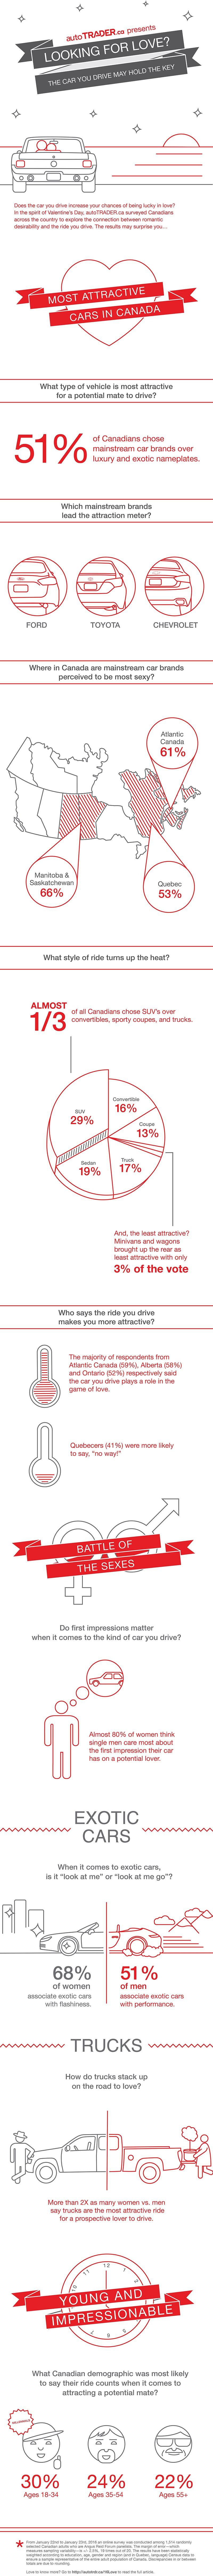 V-day_infographic_02_02